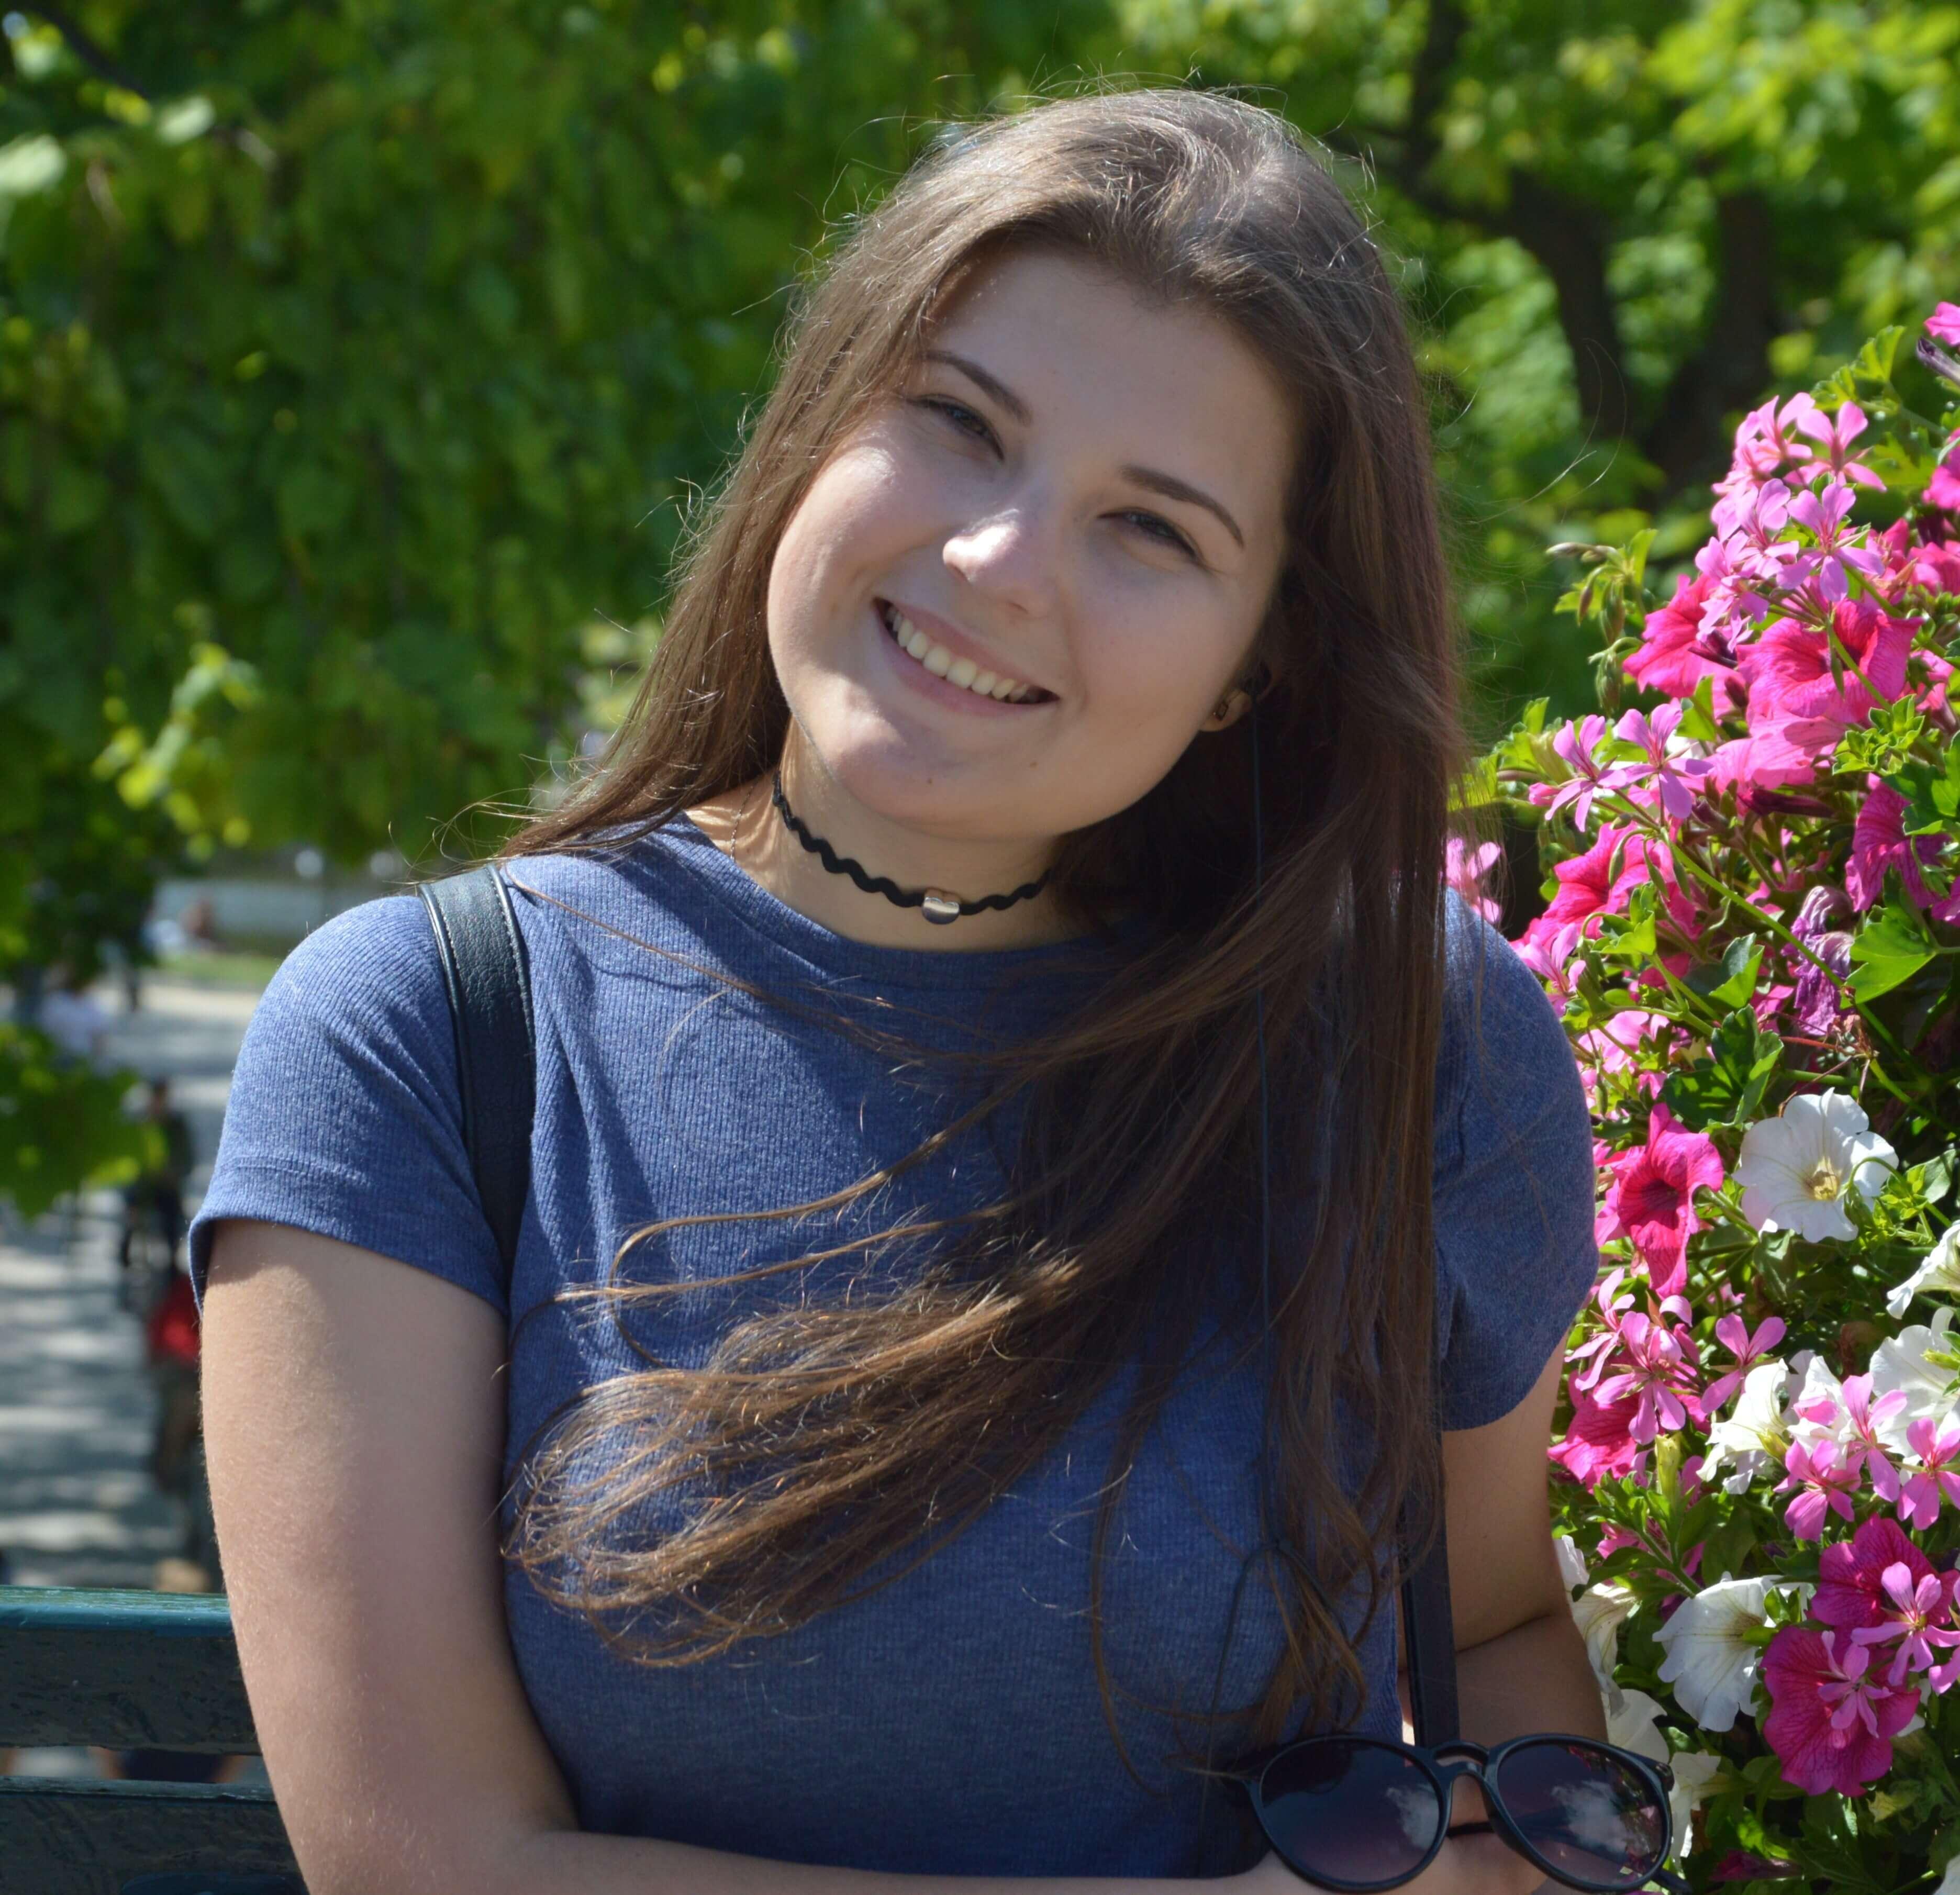 Anastasiia's picture